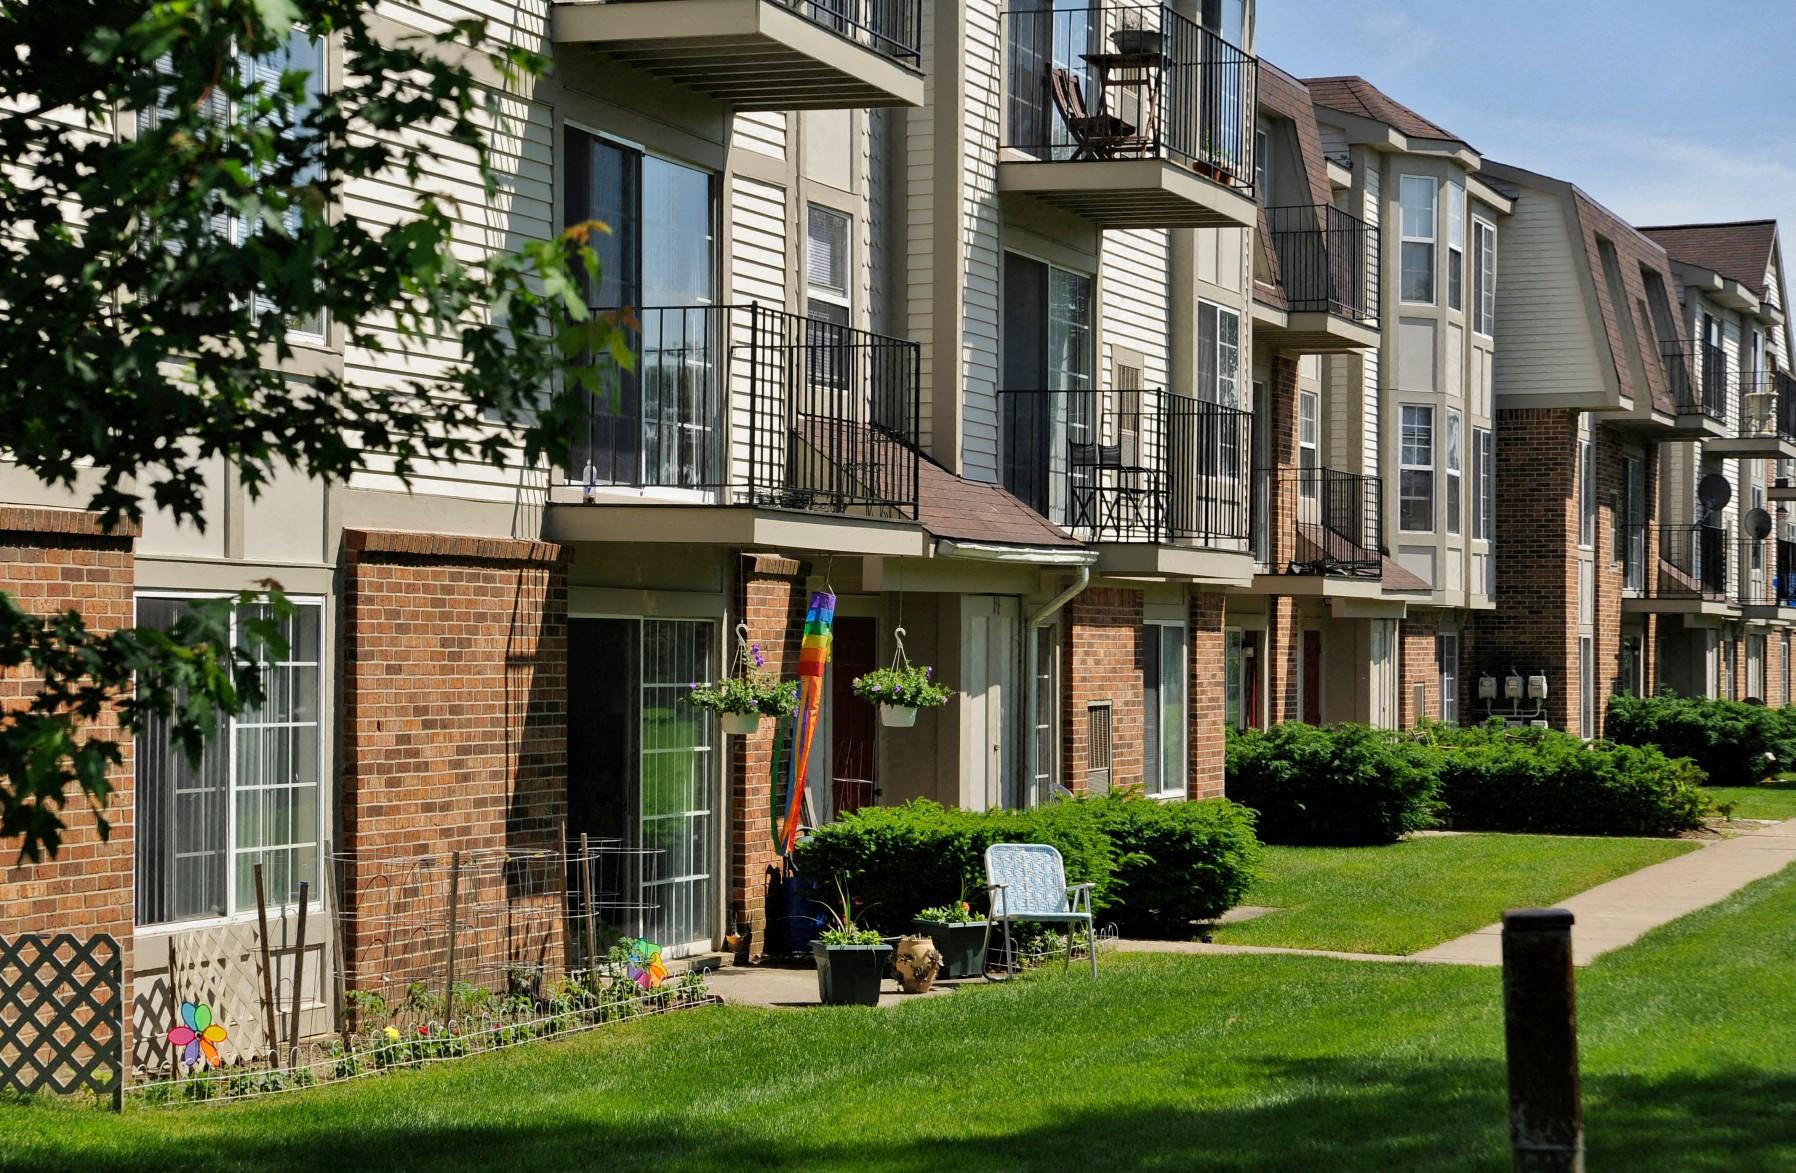 Bristol Square Apartments in Wixom MI